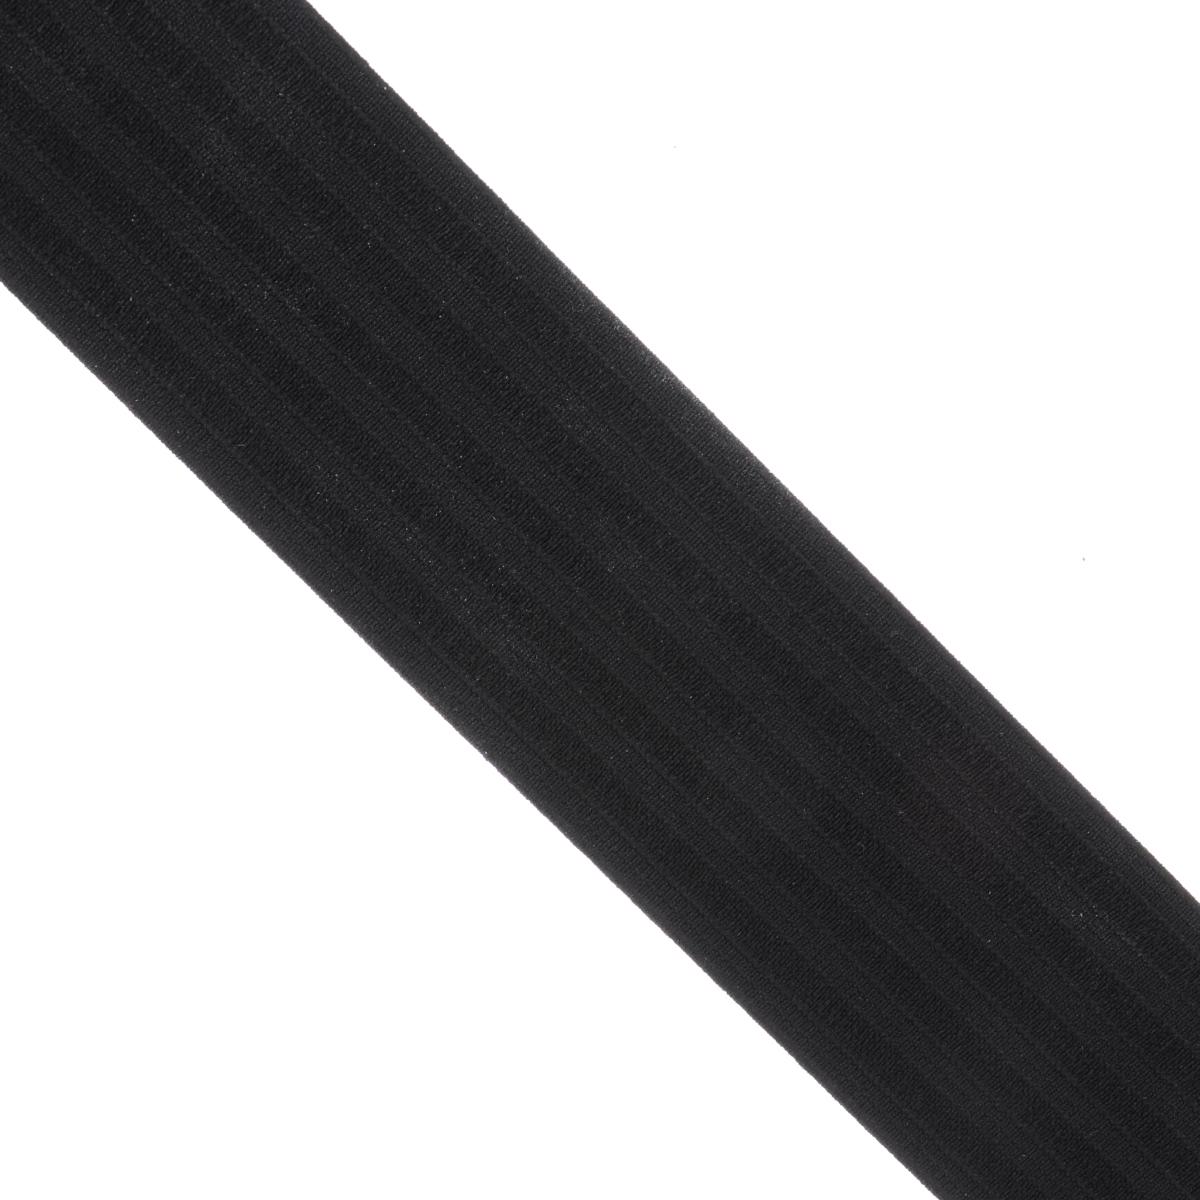 Лента эластичная Prym, для уплотнения шва, цвет: черный, ширина 2,5 см, длина 10 м693540Эластичная лента Prym предназначена для уплотнения шва. Выполнена из полиэстера (80%) и эластомера (20%). Ткань прочная, стабильная, облегчает равномерное притачивание внутренней отделки. Длина ленты: 10 м. Ширина ленты: 2,5 см.